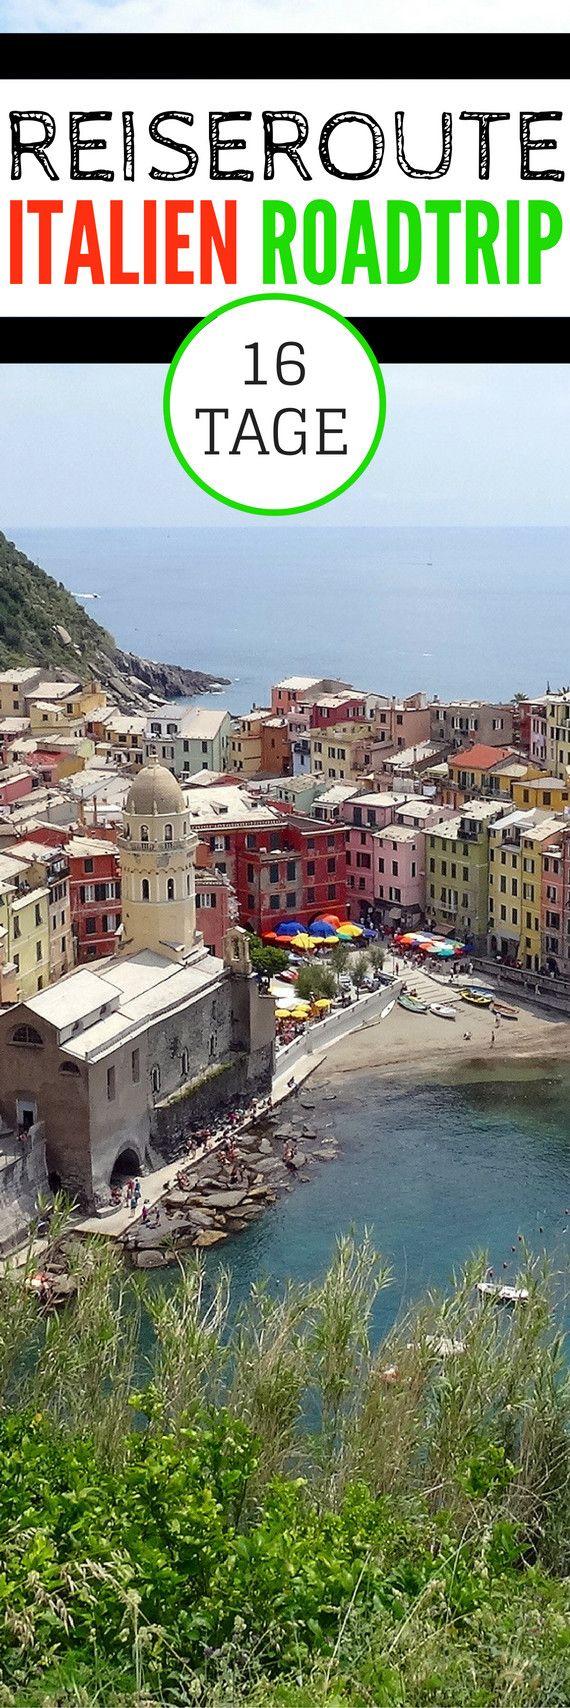 """So schön und vielfältig ist Italien!  Sie """"anders"""" und entscheide Dich für einen echten Schüleraustausch mit einem Austauschpartner aus Italien. Jetzt neu im Programm. Kurze Austausche (3 Wochen bis 3 Monate), idividuell und bezahlbar. Mehr Info auf unserer Webseite www.adolesco.org/de"""